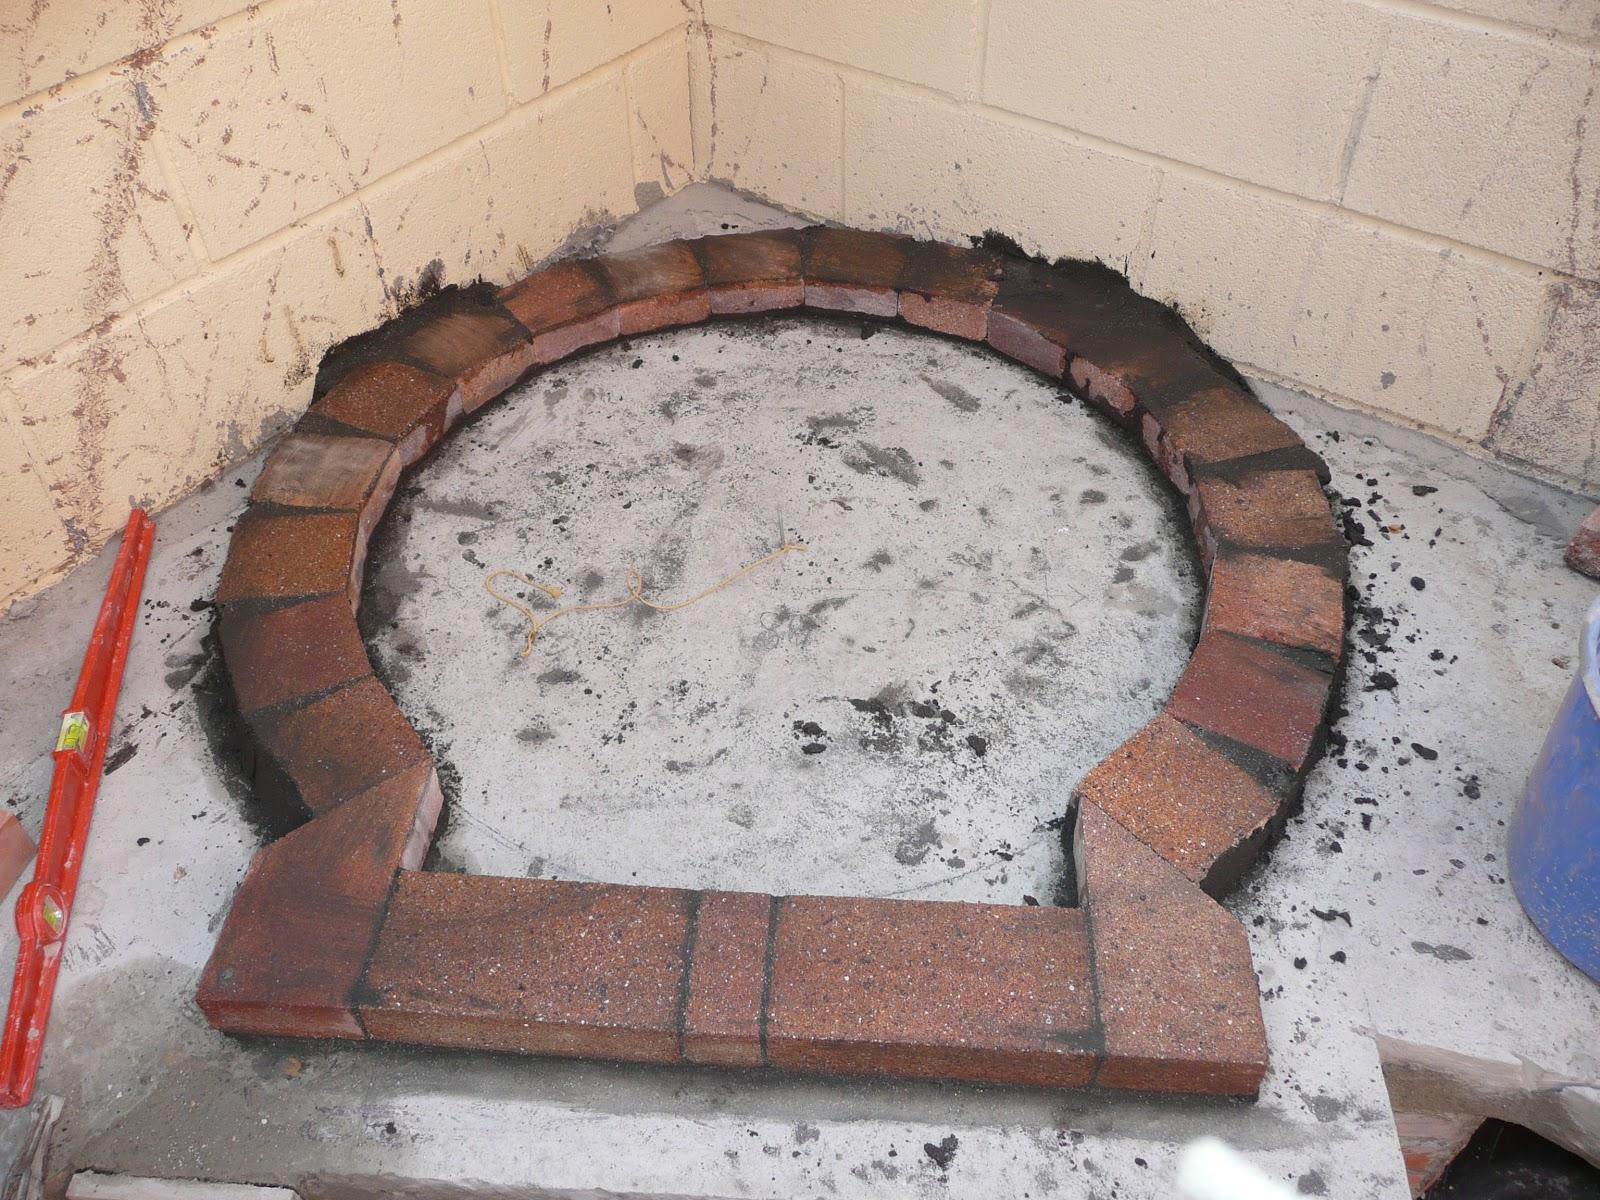 Recetas f ciles de josean mg replanteo del horno con fotos - Hacer pan horno de lena ...